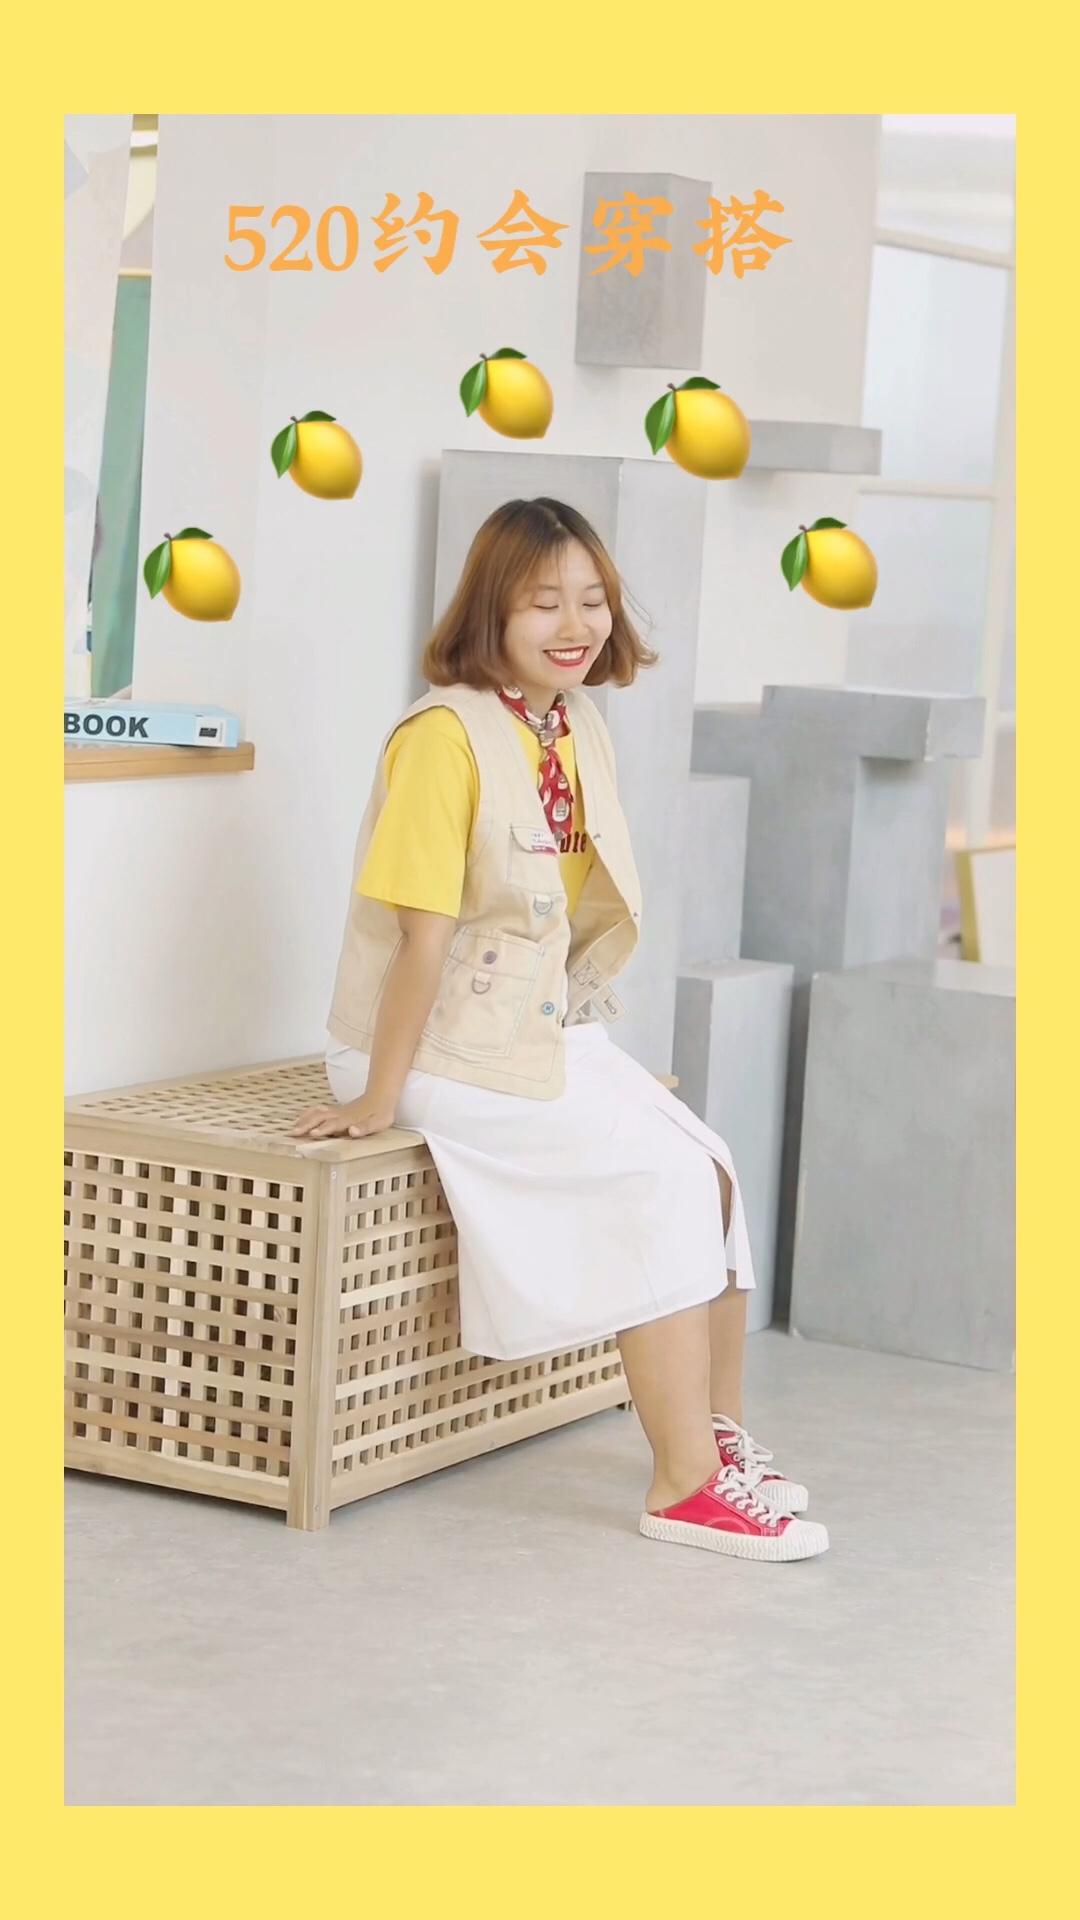 #520,甜甜的恋爱要来了!#  ❤️黄色T恤真的是百搭,也真的可爱! 小黑已经不知道穿了多少次了! 这一件T恤真的可以搭配出好多套衣服! ❤️马甲也是可爱,搭配T恤很日系! 而且马甲在现在这个季节穿特别好, 早晚冷的时候可以加上! ❤️白色半身裙也是很百搭, 最重要的是高腰,很显腰身! ❤️搭配的话小配饰真的是少不了, 小领结和鞋子颜色可以呼应哇!